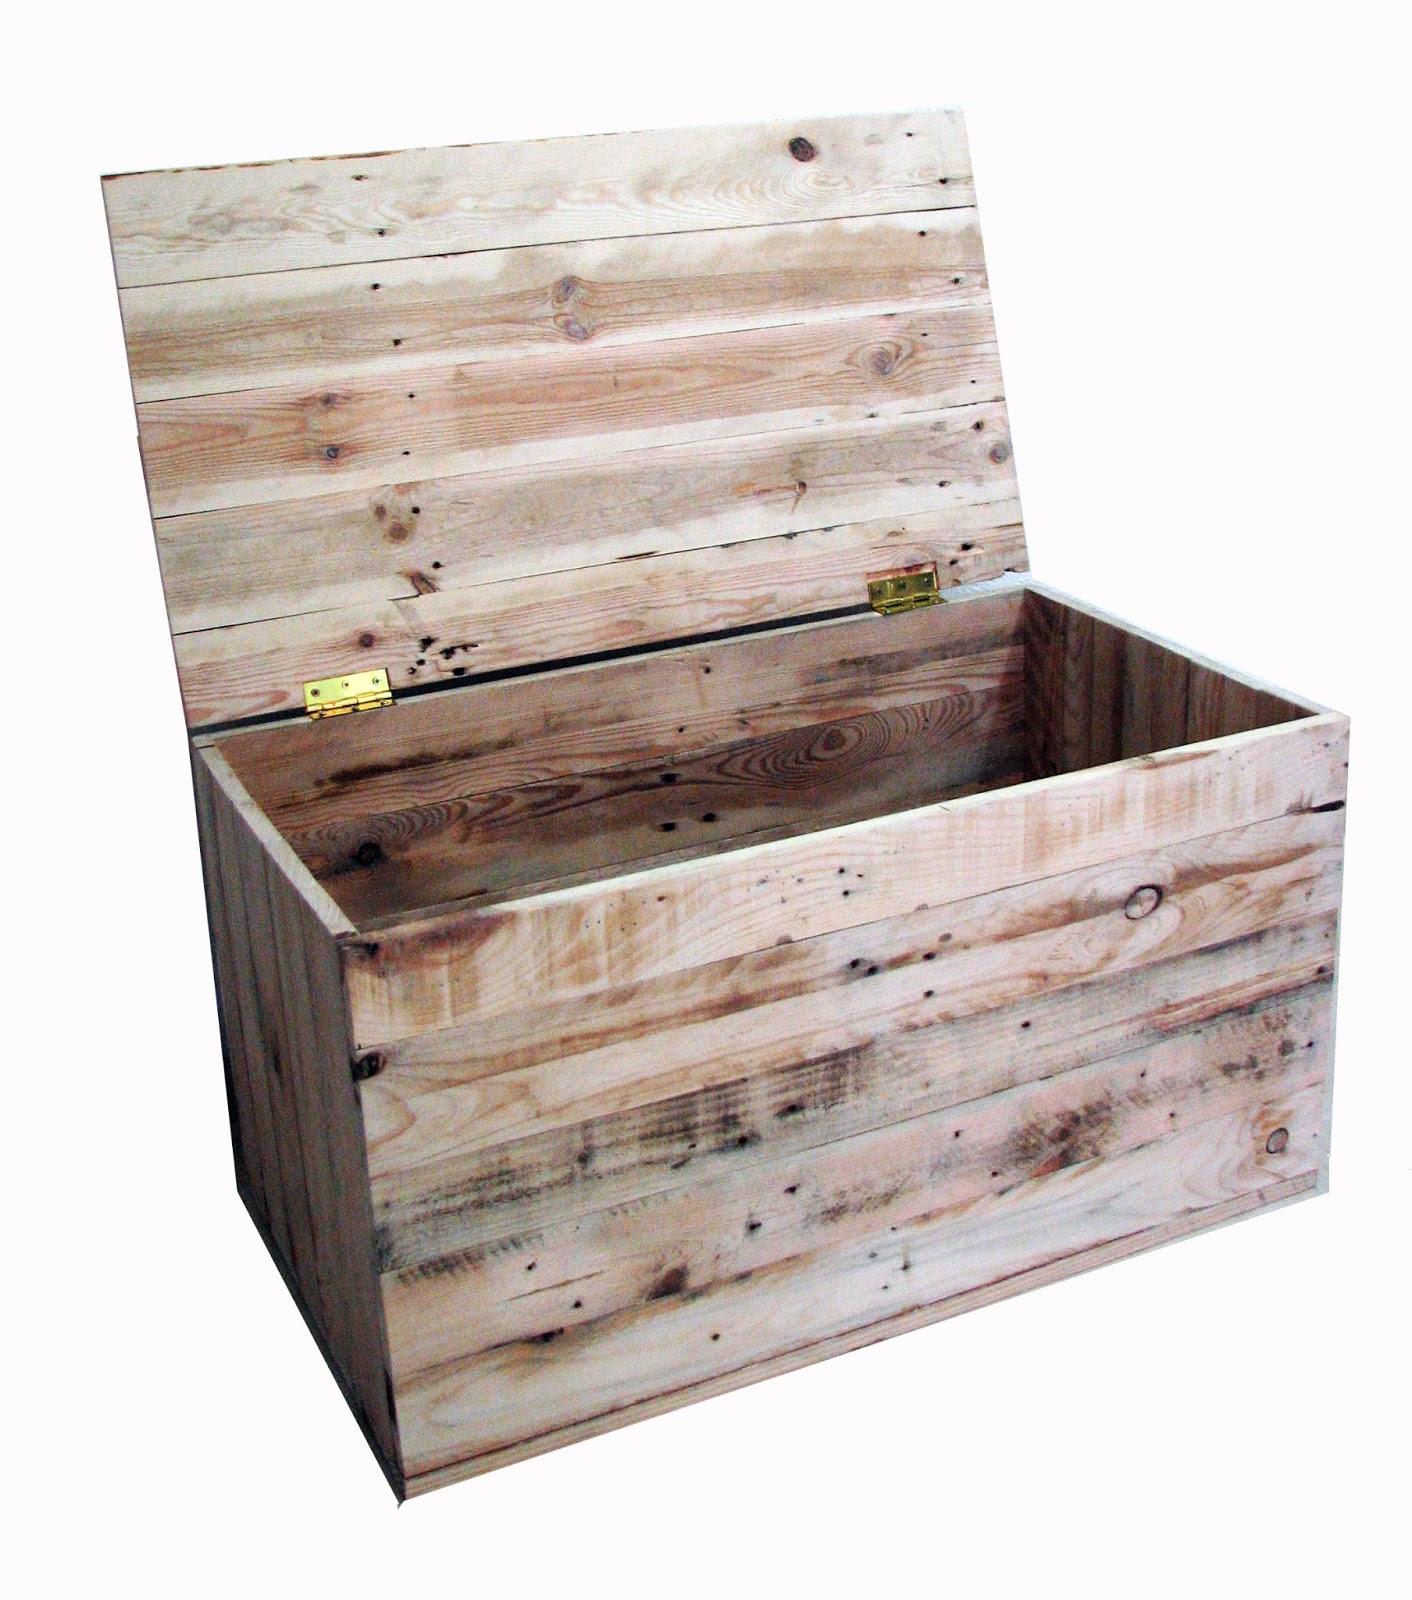 Baul madera palets blse for Madera para palets